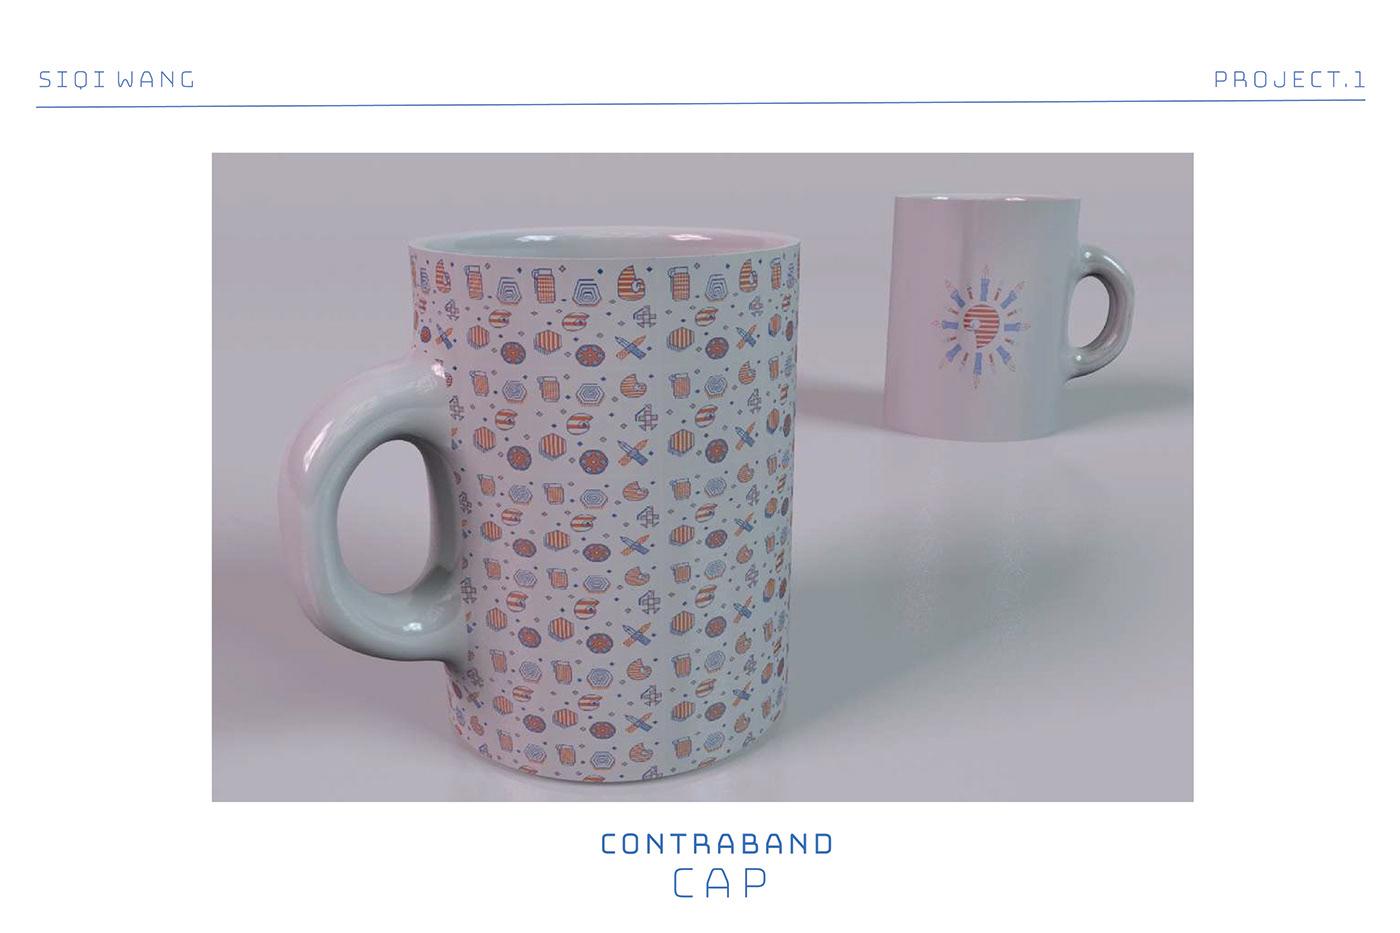 Image may contain: tableware, mug and vase